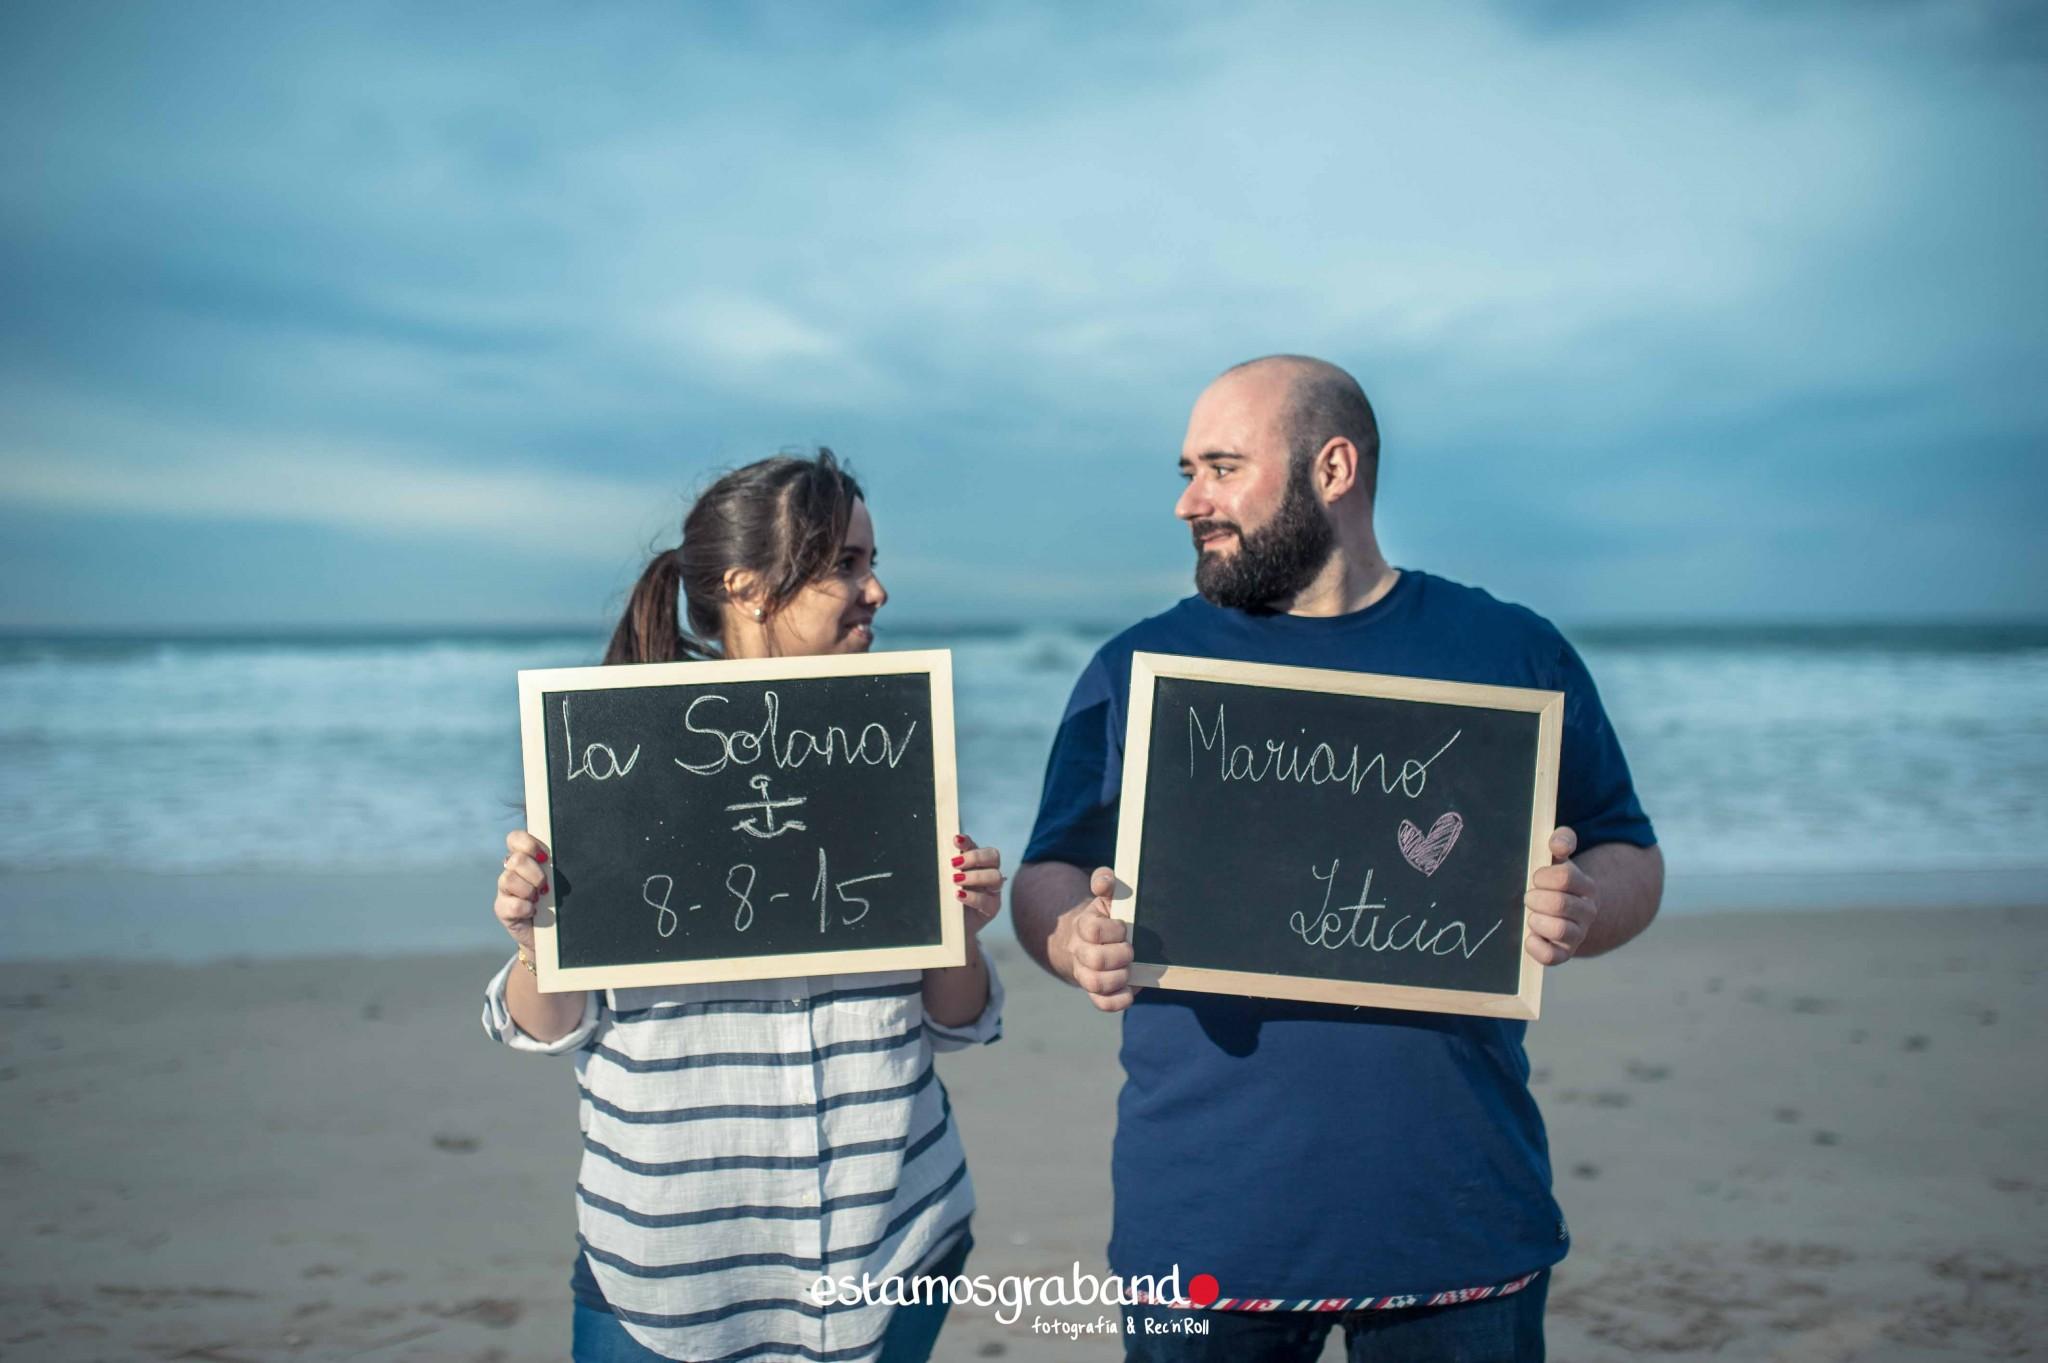 mariano-leticia-blog-24-de-25 Mariano & Leticia [Fotografía Preboda en Vejer y El Palmar] - video boda cadiz